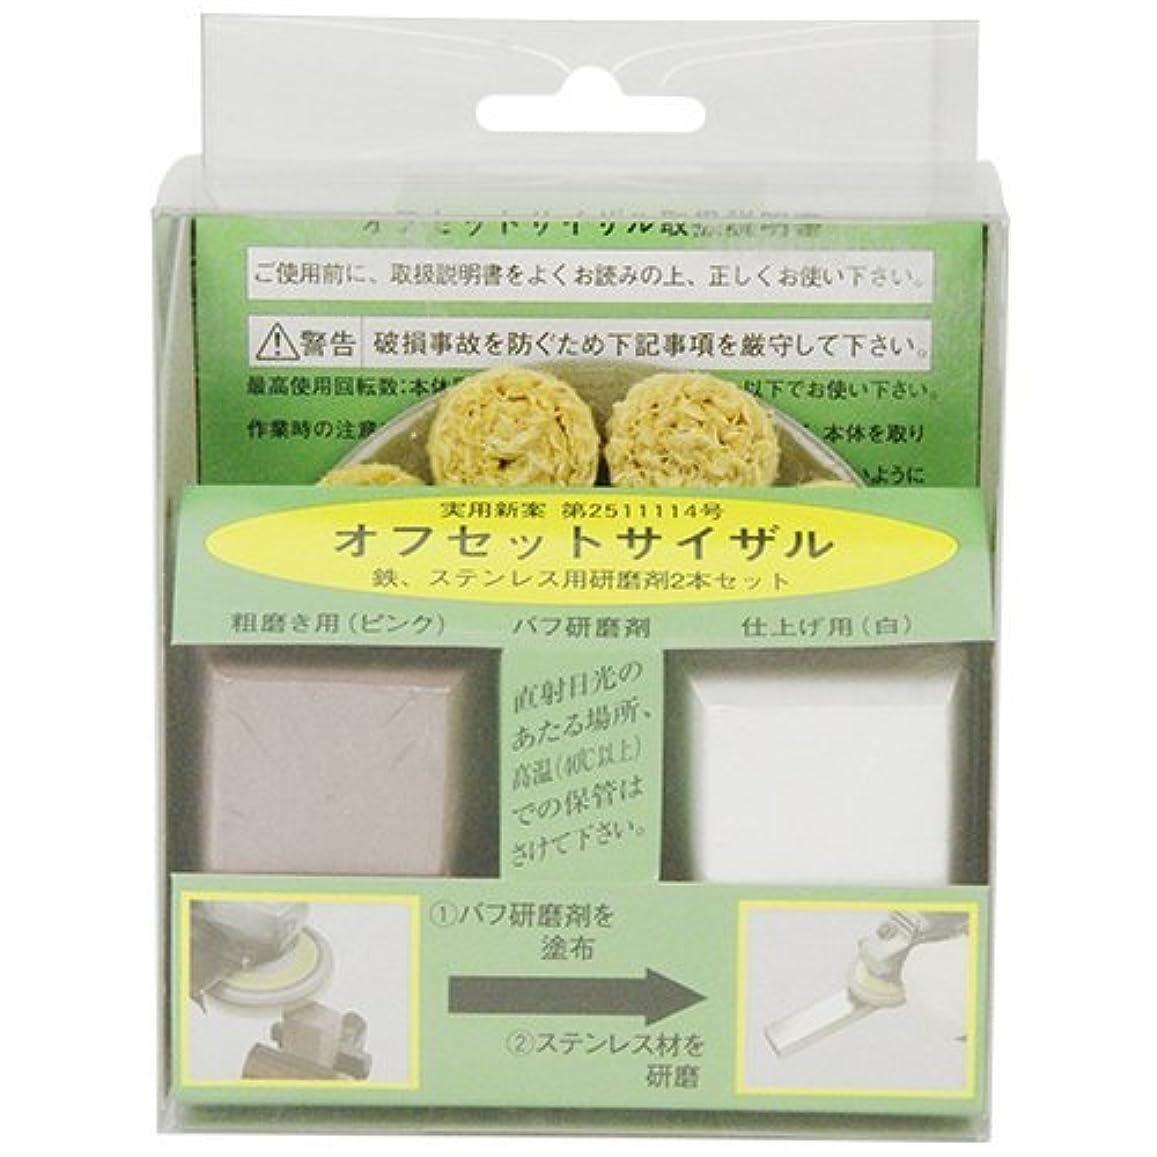 メロドラマティック職業卒業KOYO オフセットサイザル 研磨剤セット